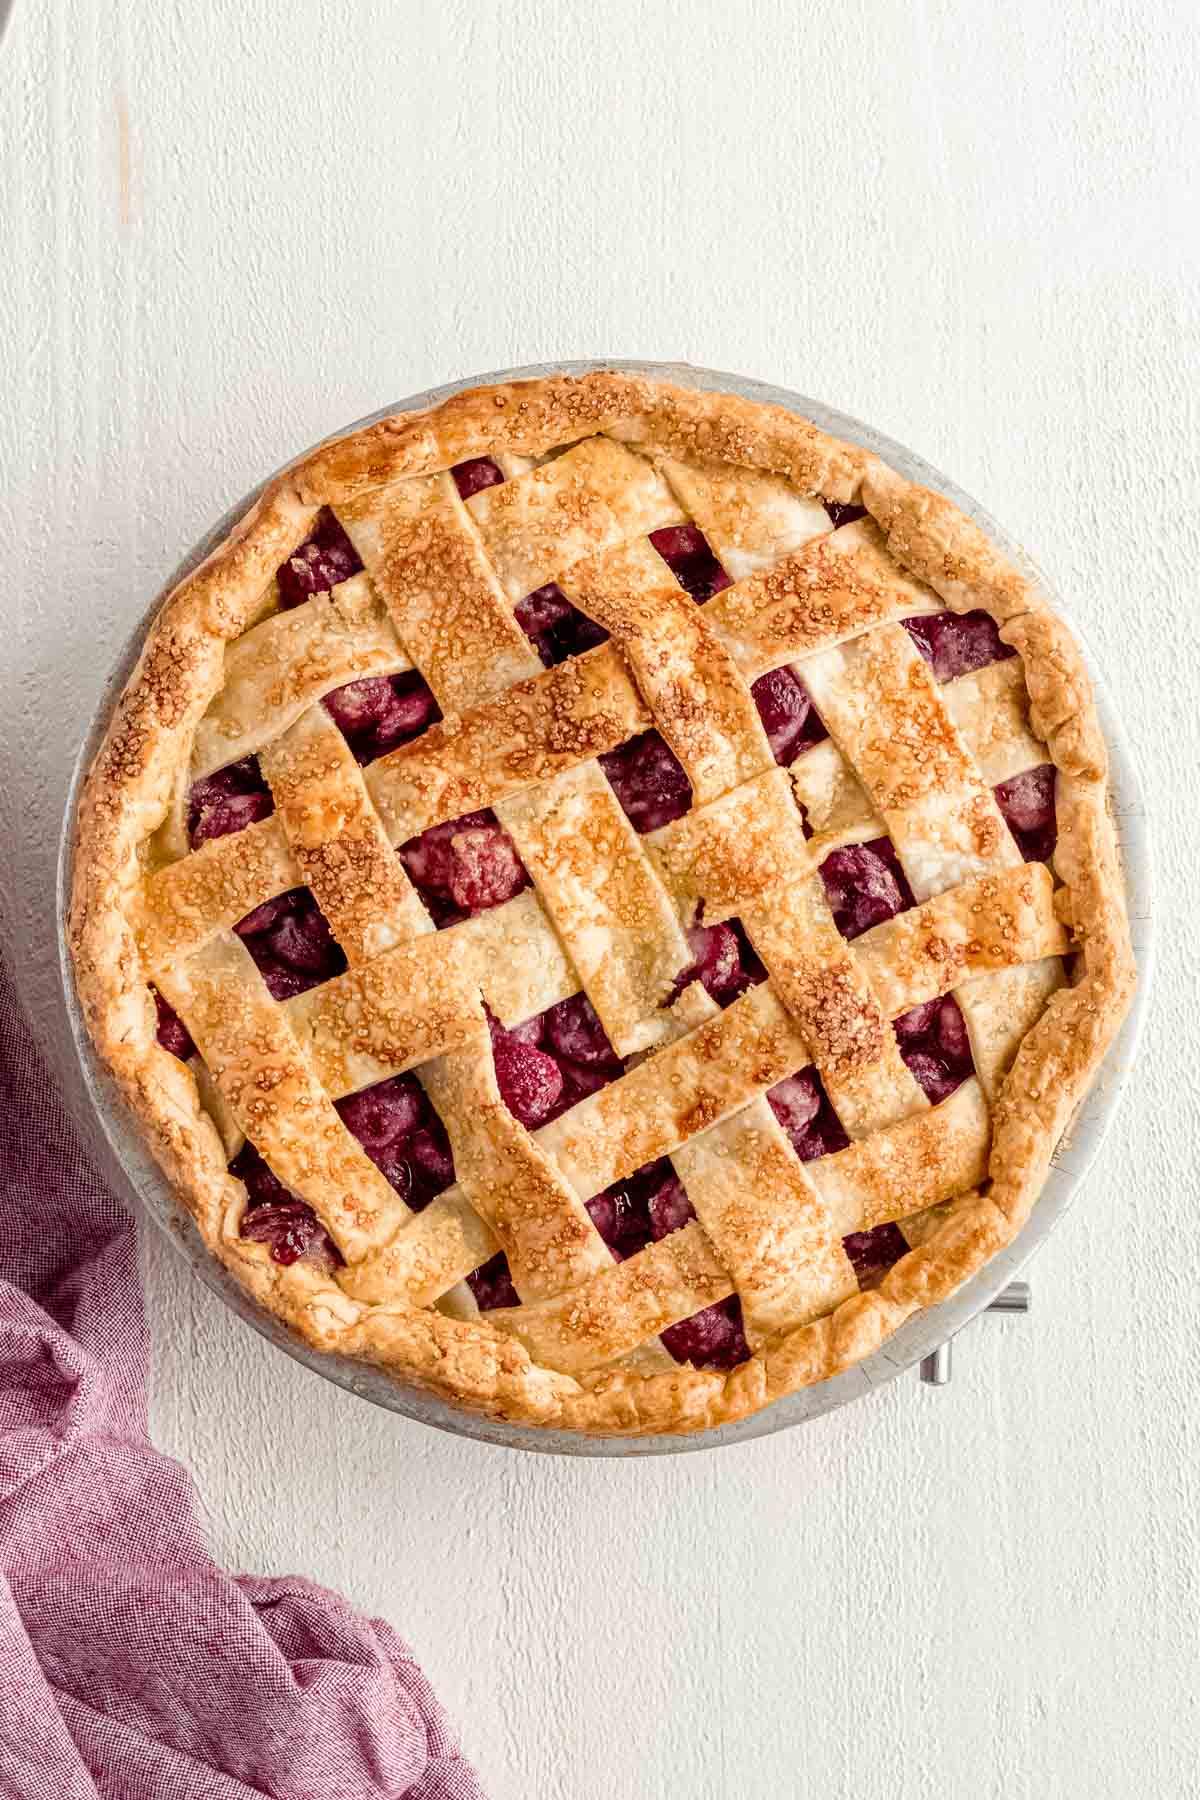 Cherry Pie in pie plate